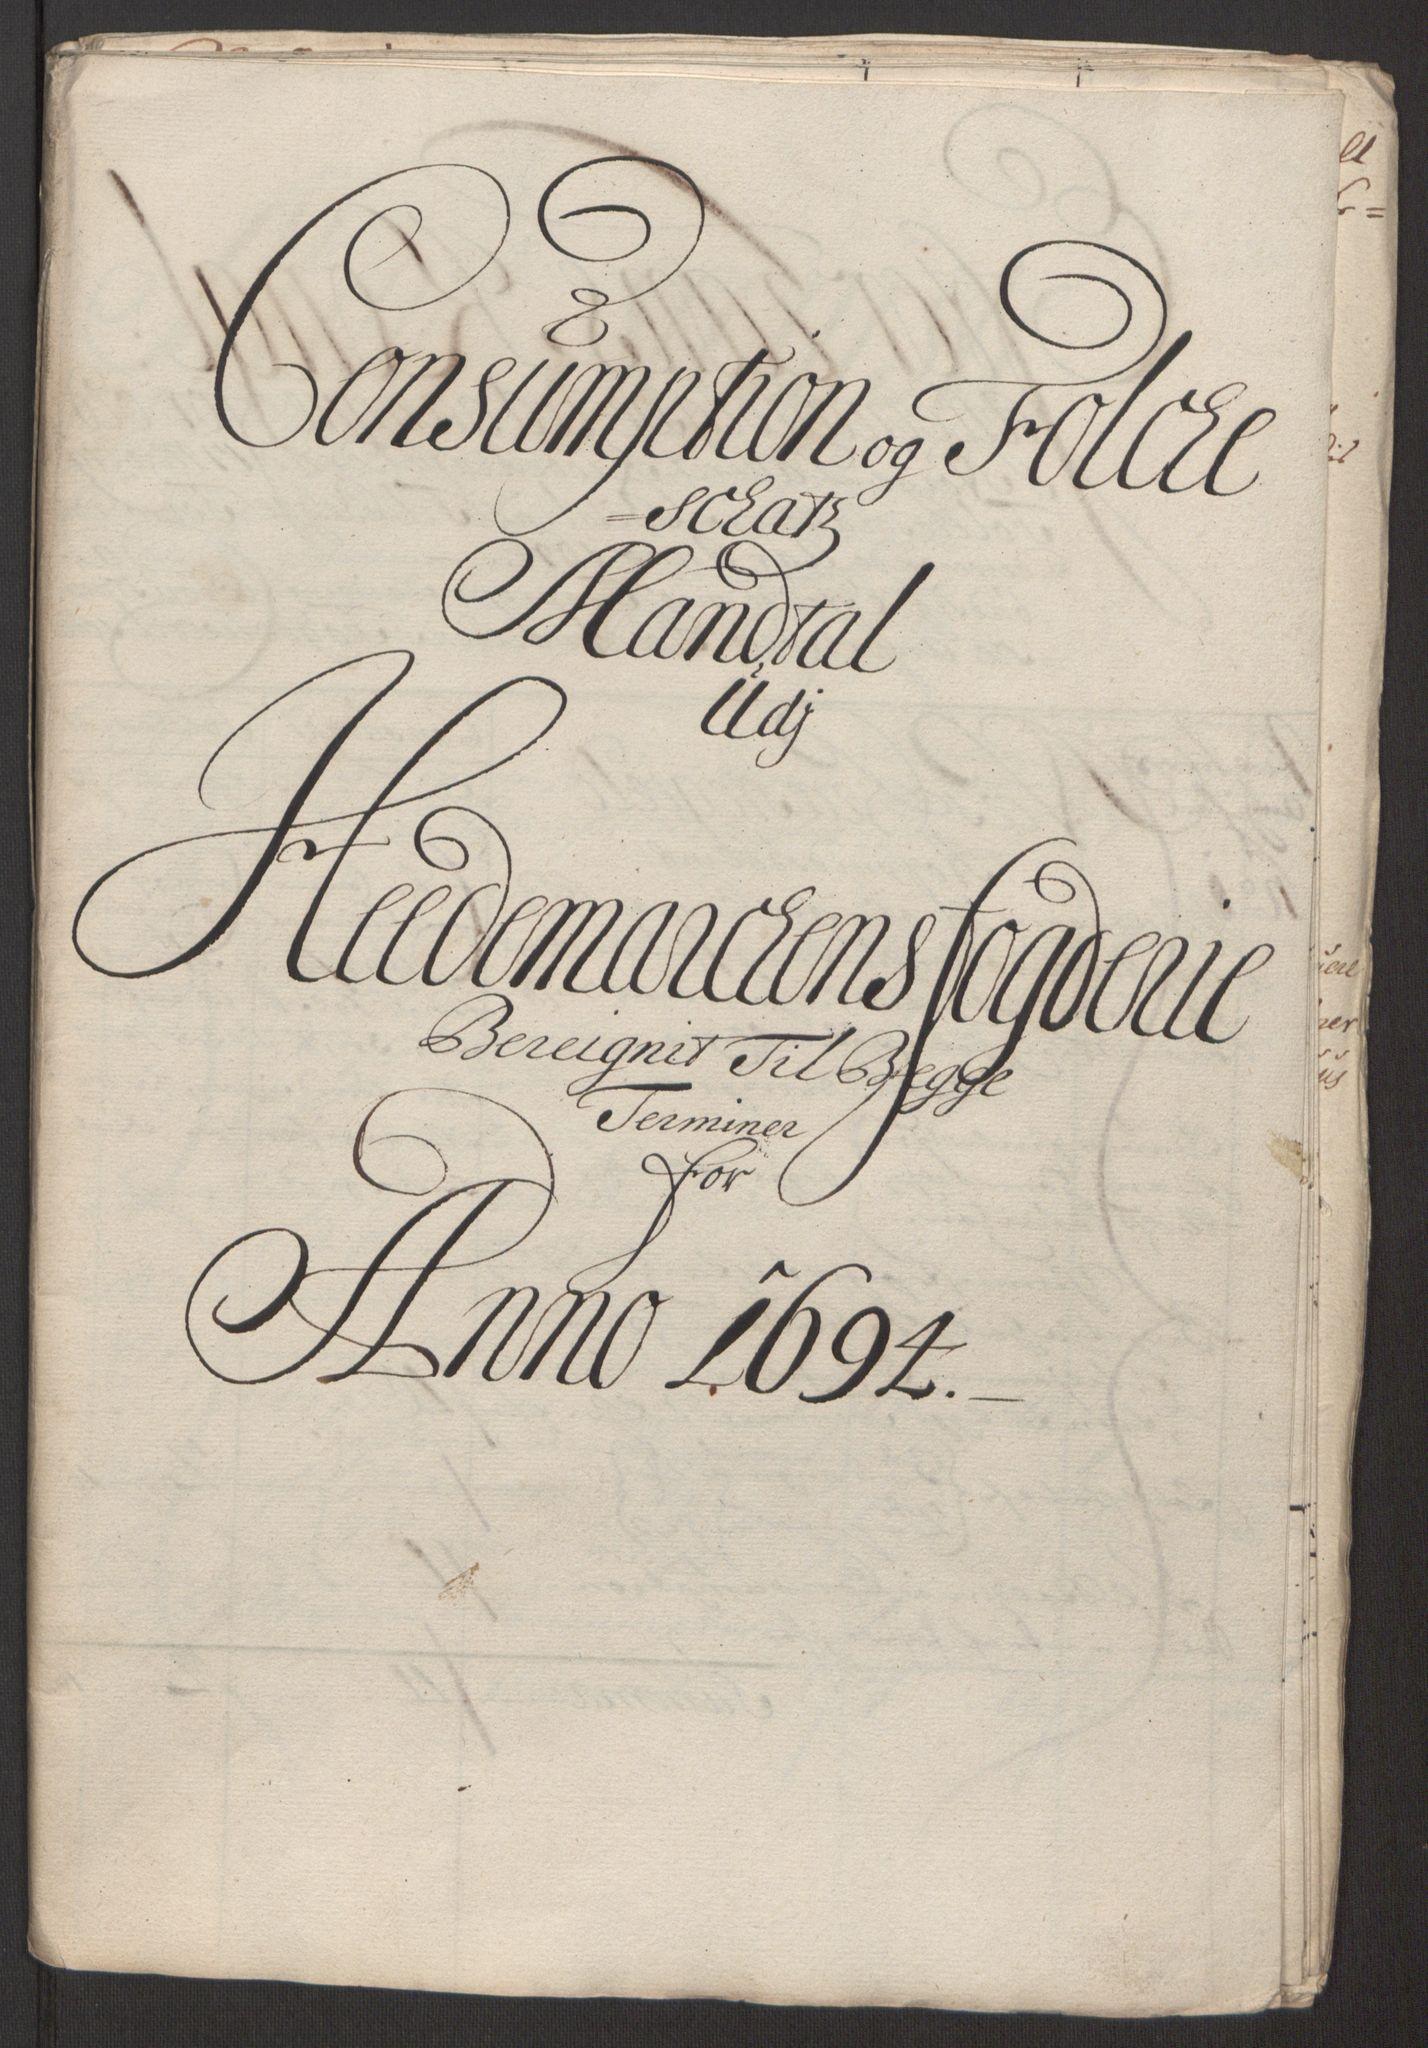 RA, Rentekammeret inntil 1814, Reviderte regnskaper, Fogderegnskap, R16/L1035: Fogderegnskap Hedmark, 1694, s. 79